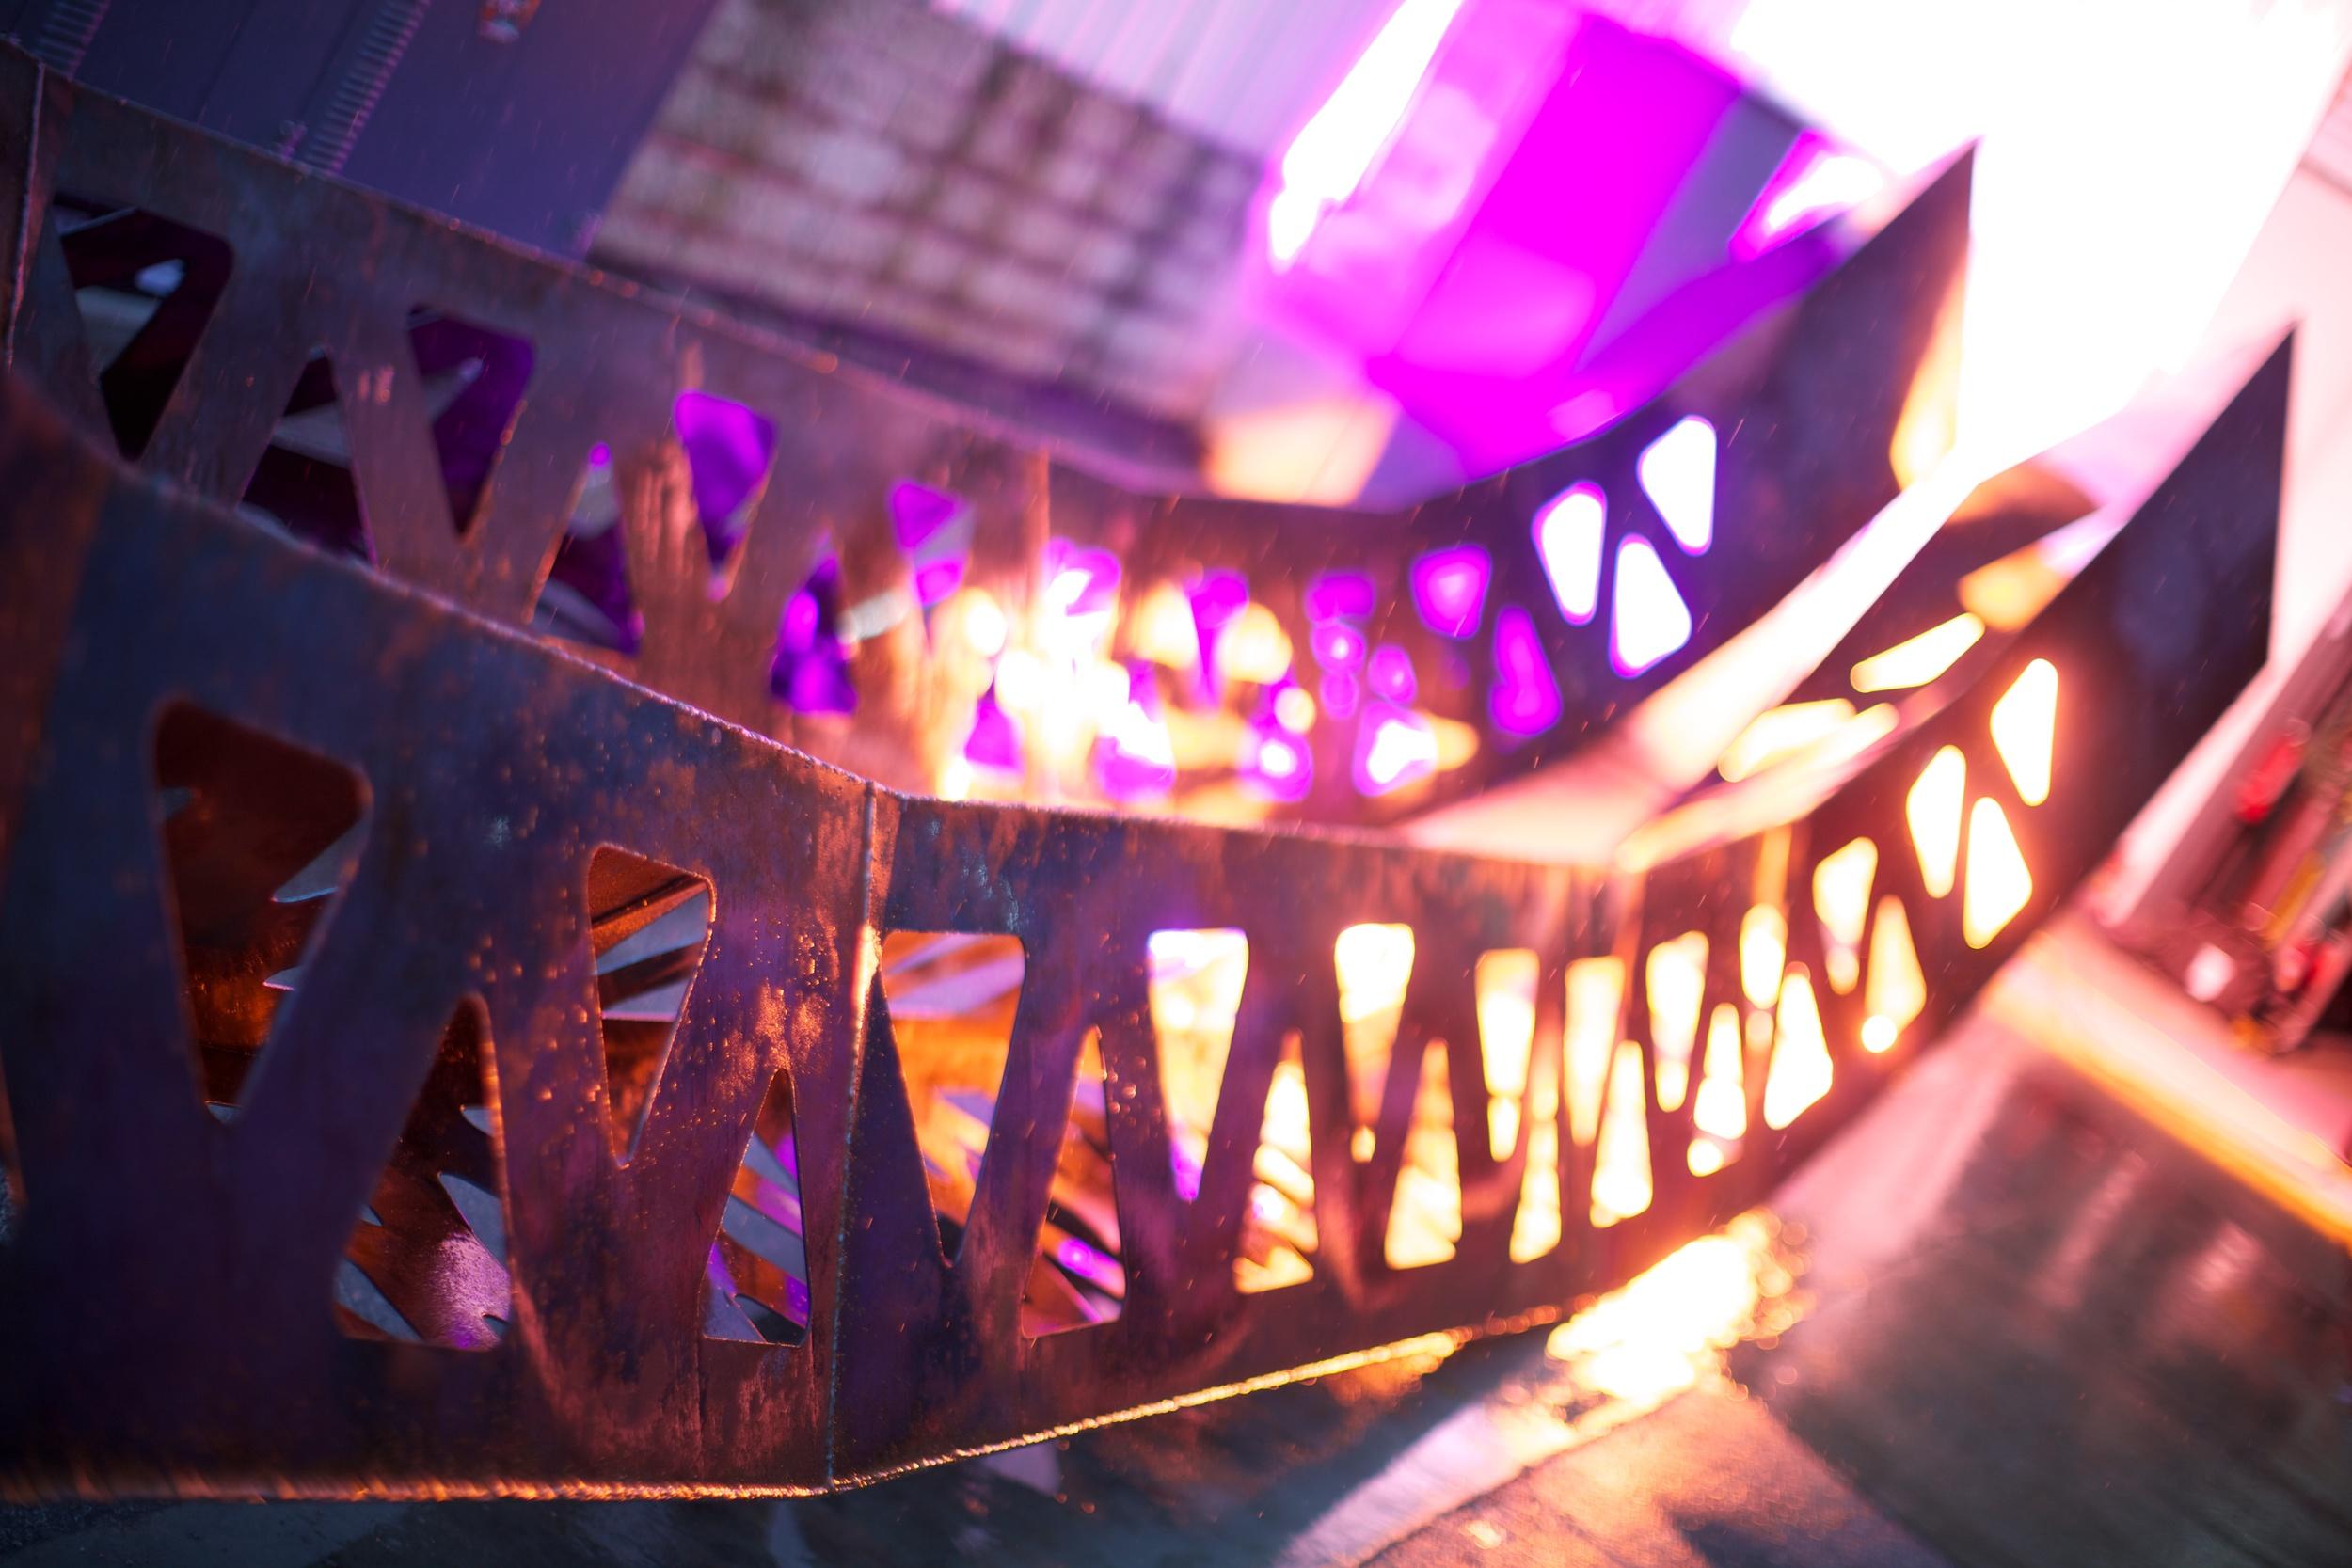 091014 Ladder Strobe JPEGs 10.jpg